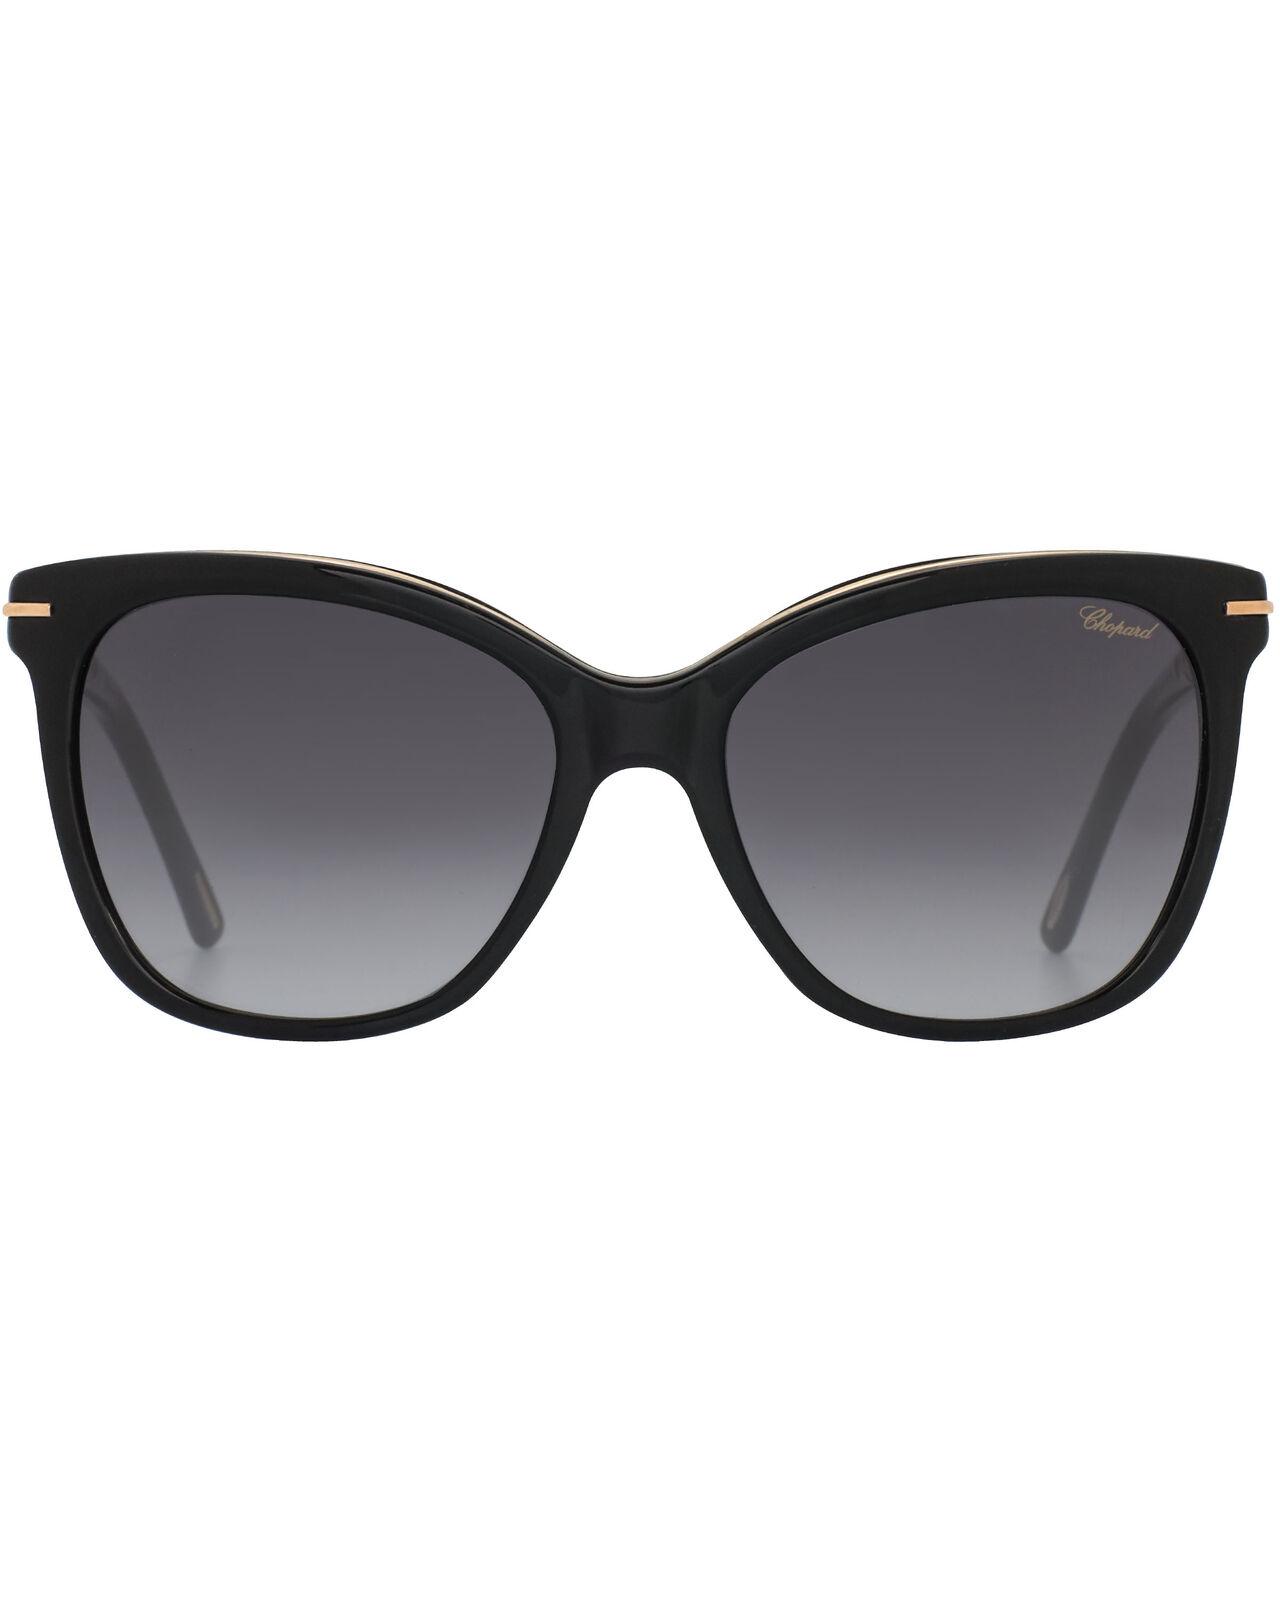 Chopard Smoke Gradient & Black Cat-Eye Butterfly Shape Sunglasses 95221-0338